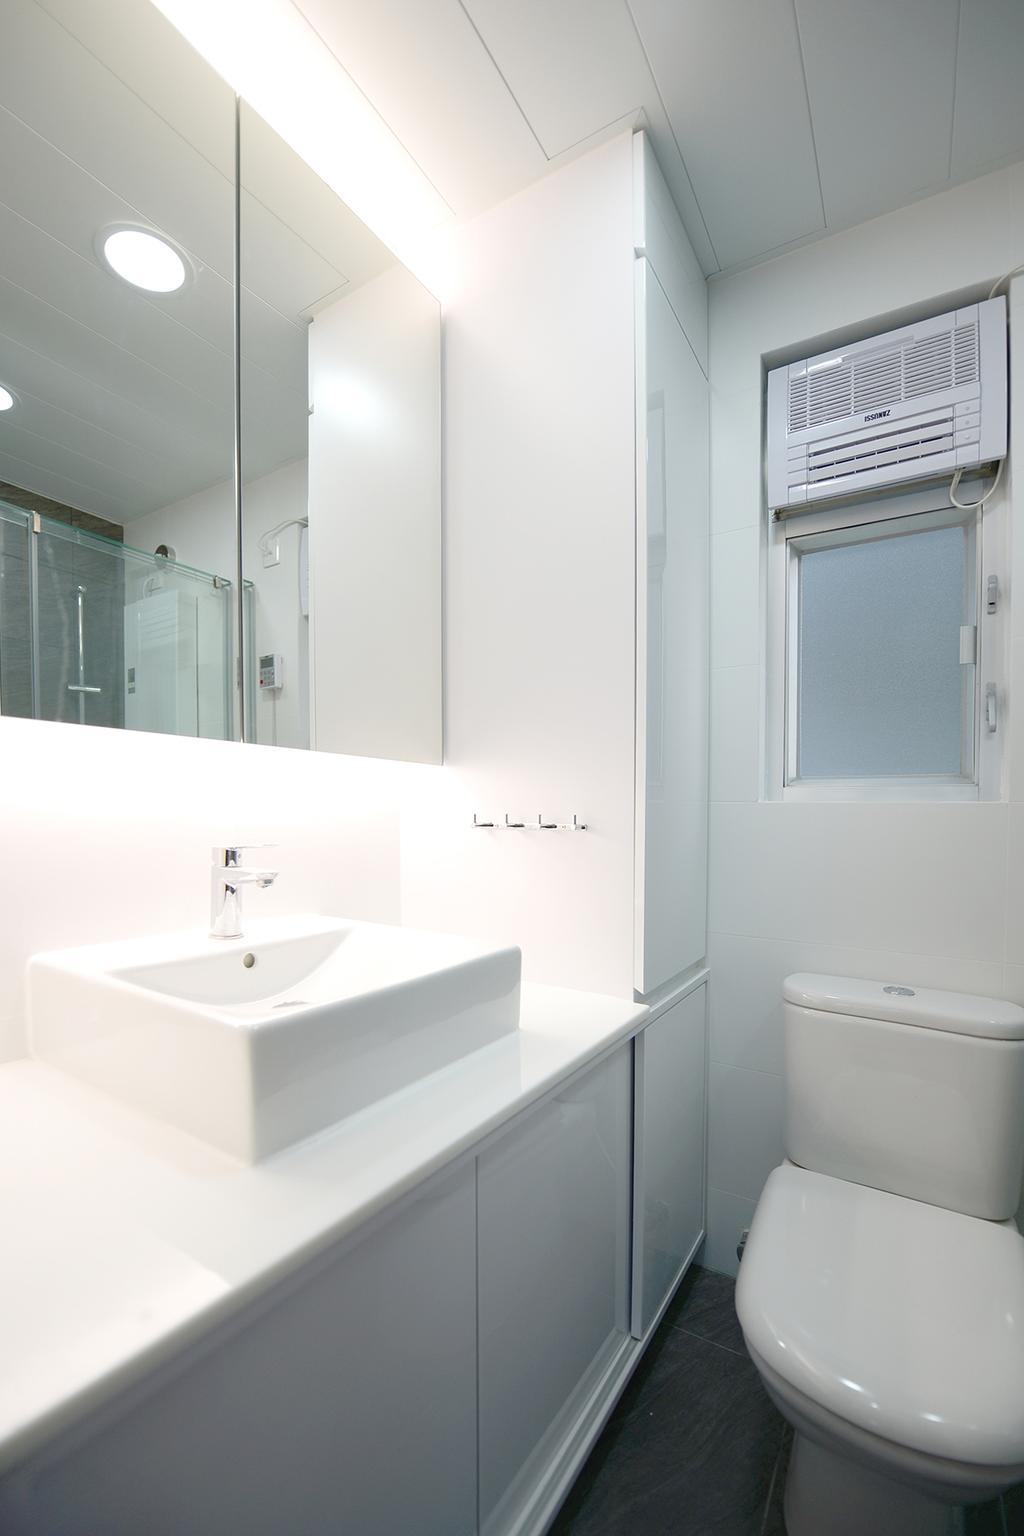 私家樓, 浴室, 新都城, 室內設計師, 爾雋設計